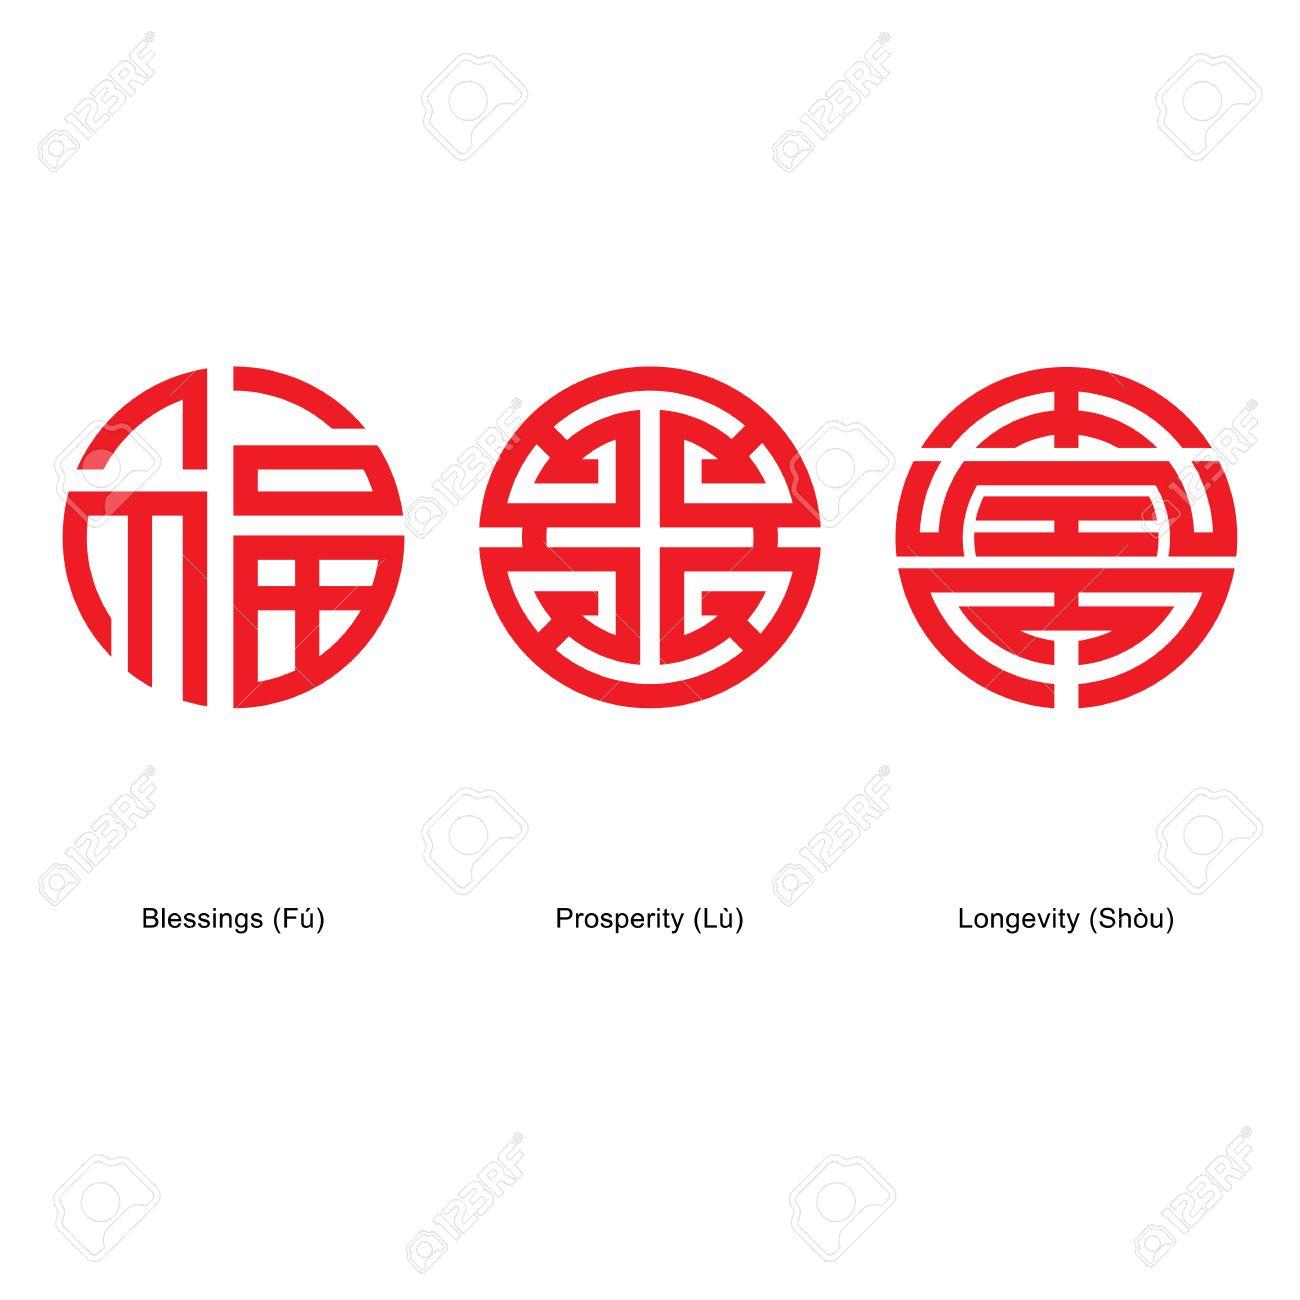 Chinos Símbolos De La Suerte Fu Lu Shou Ilustraciones Vectoriales Clip Art Vectorizado Libre De Derechos Image 45911632